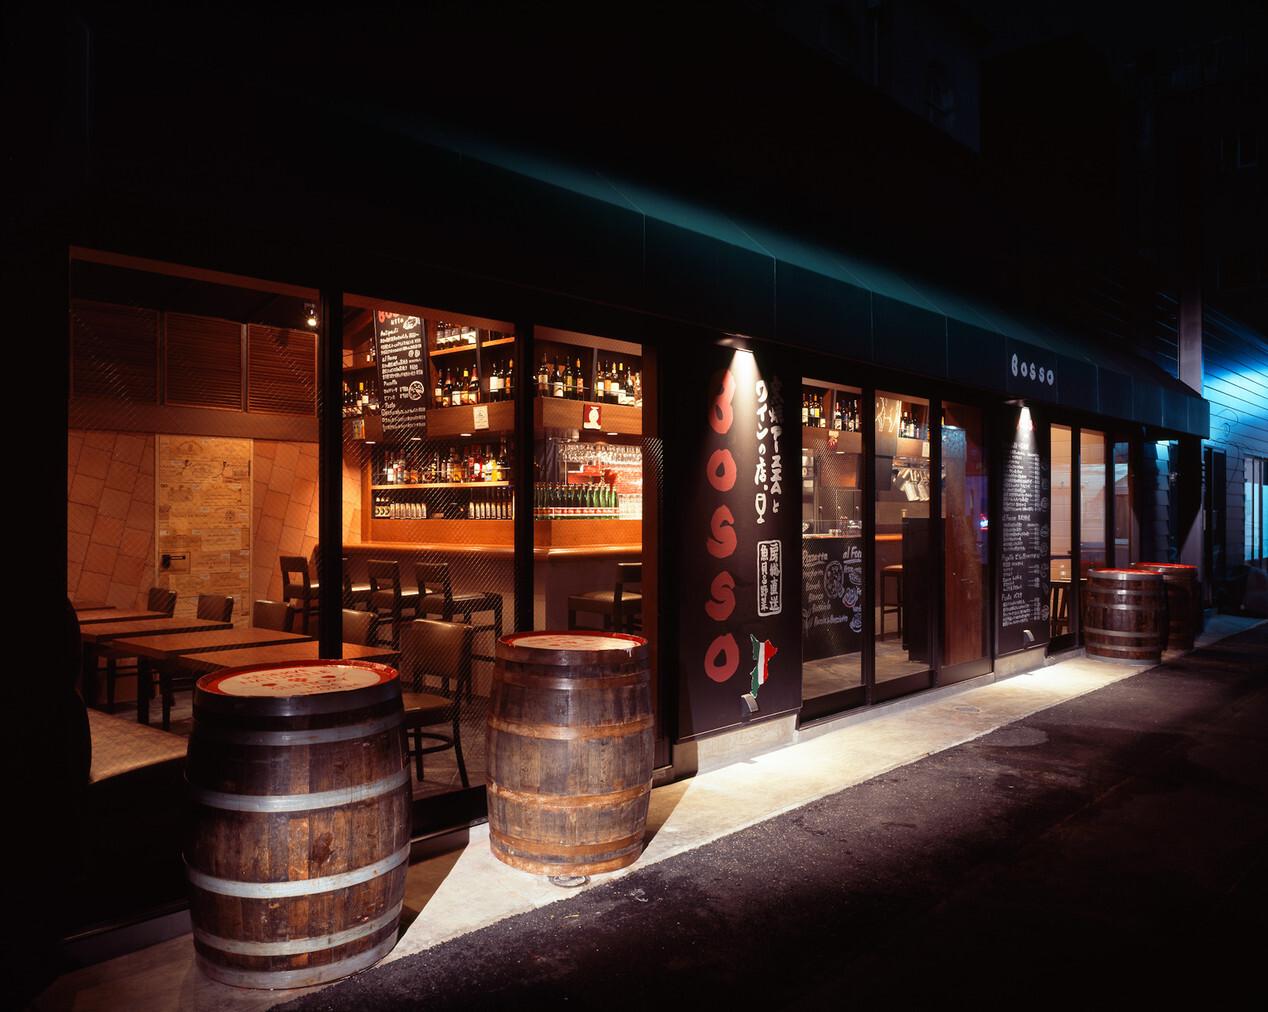 窯焼PIZZAとワインの店 BOSSO 八重洲店の内装